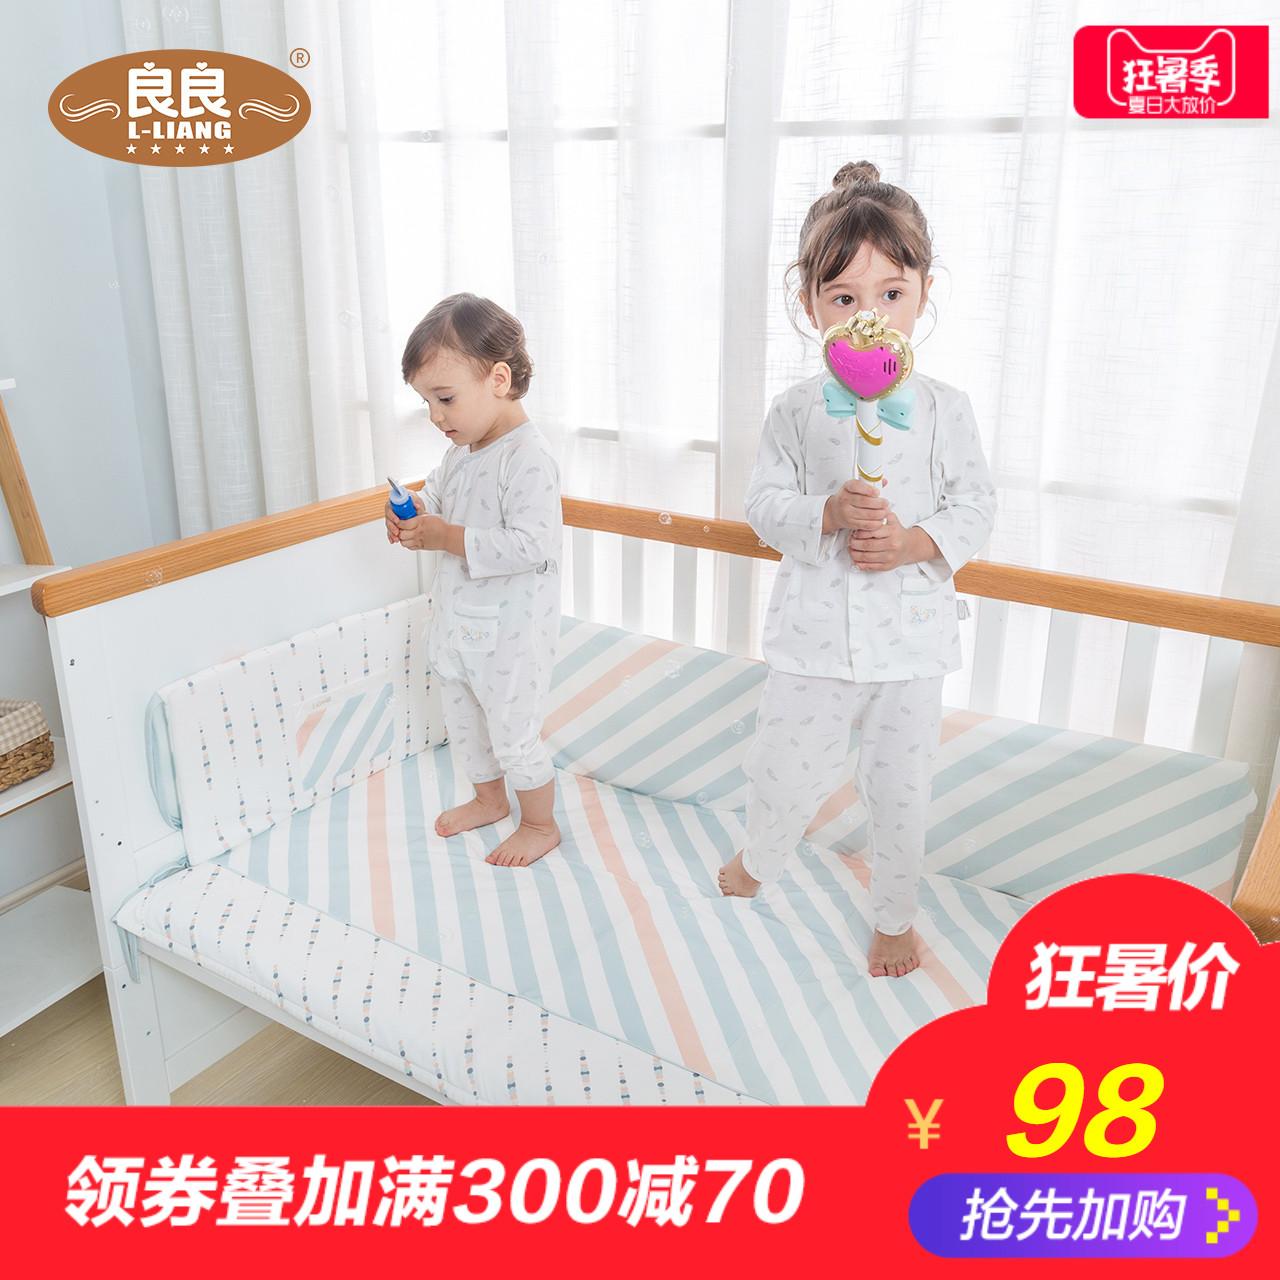 Хорошо Хорошо на младенца матрас хлопок Природа детские Удобный для матраса матрас детские Матрац для питомника съемный и моющийся